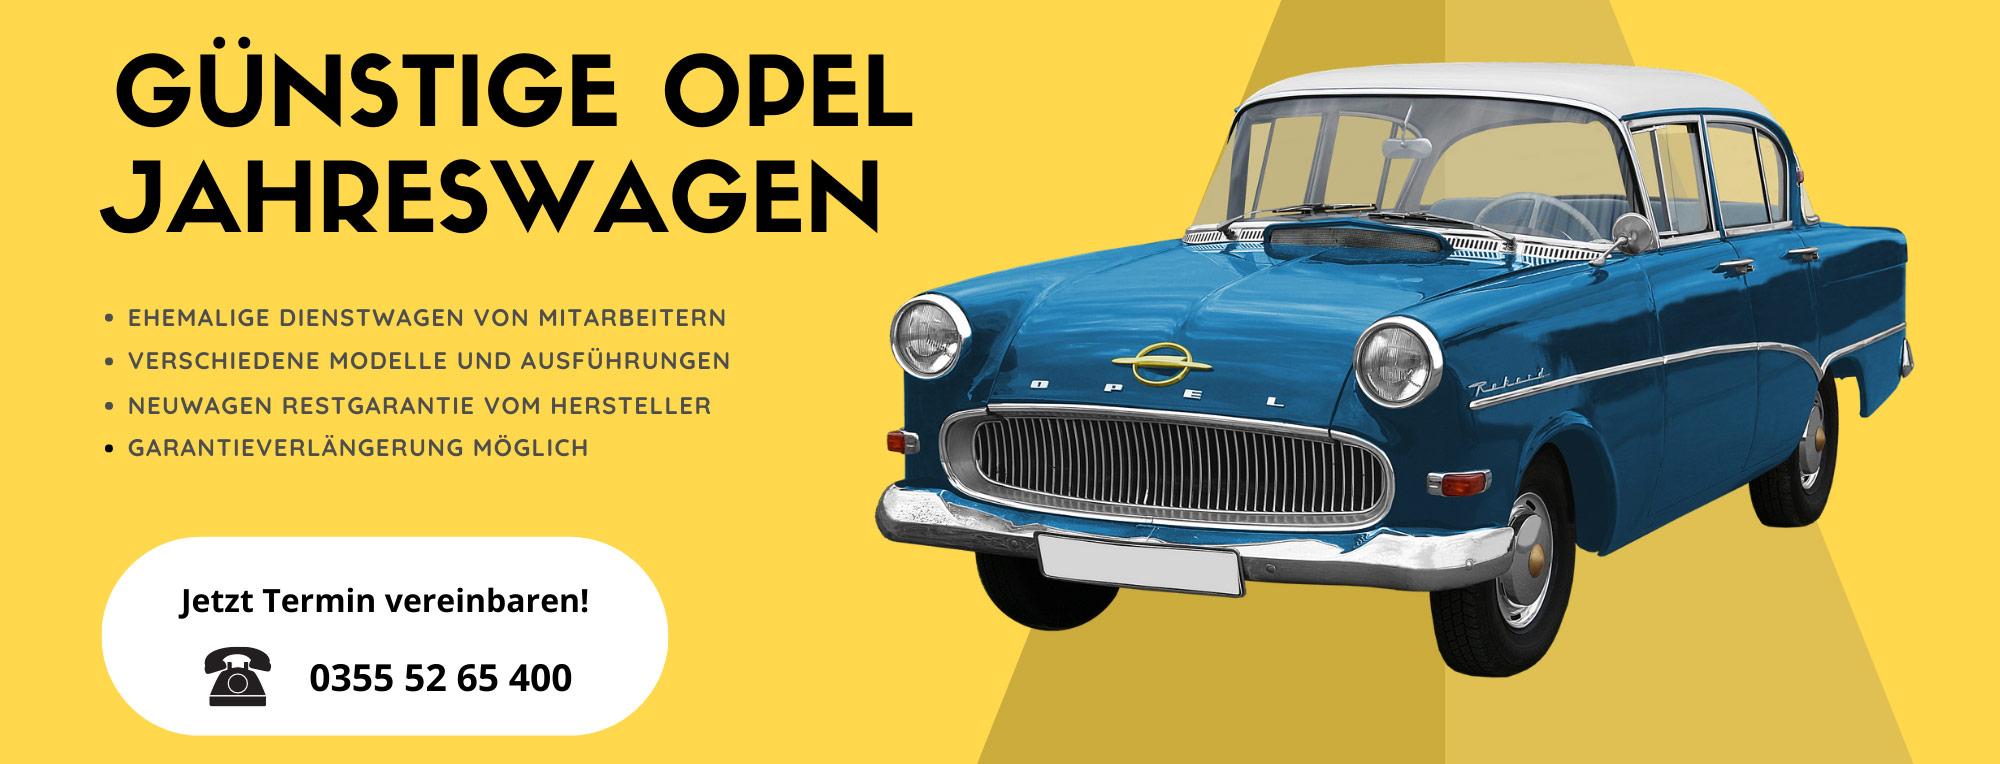 Jahreswagen-Opel-Dienstwagen